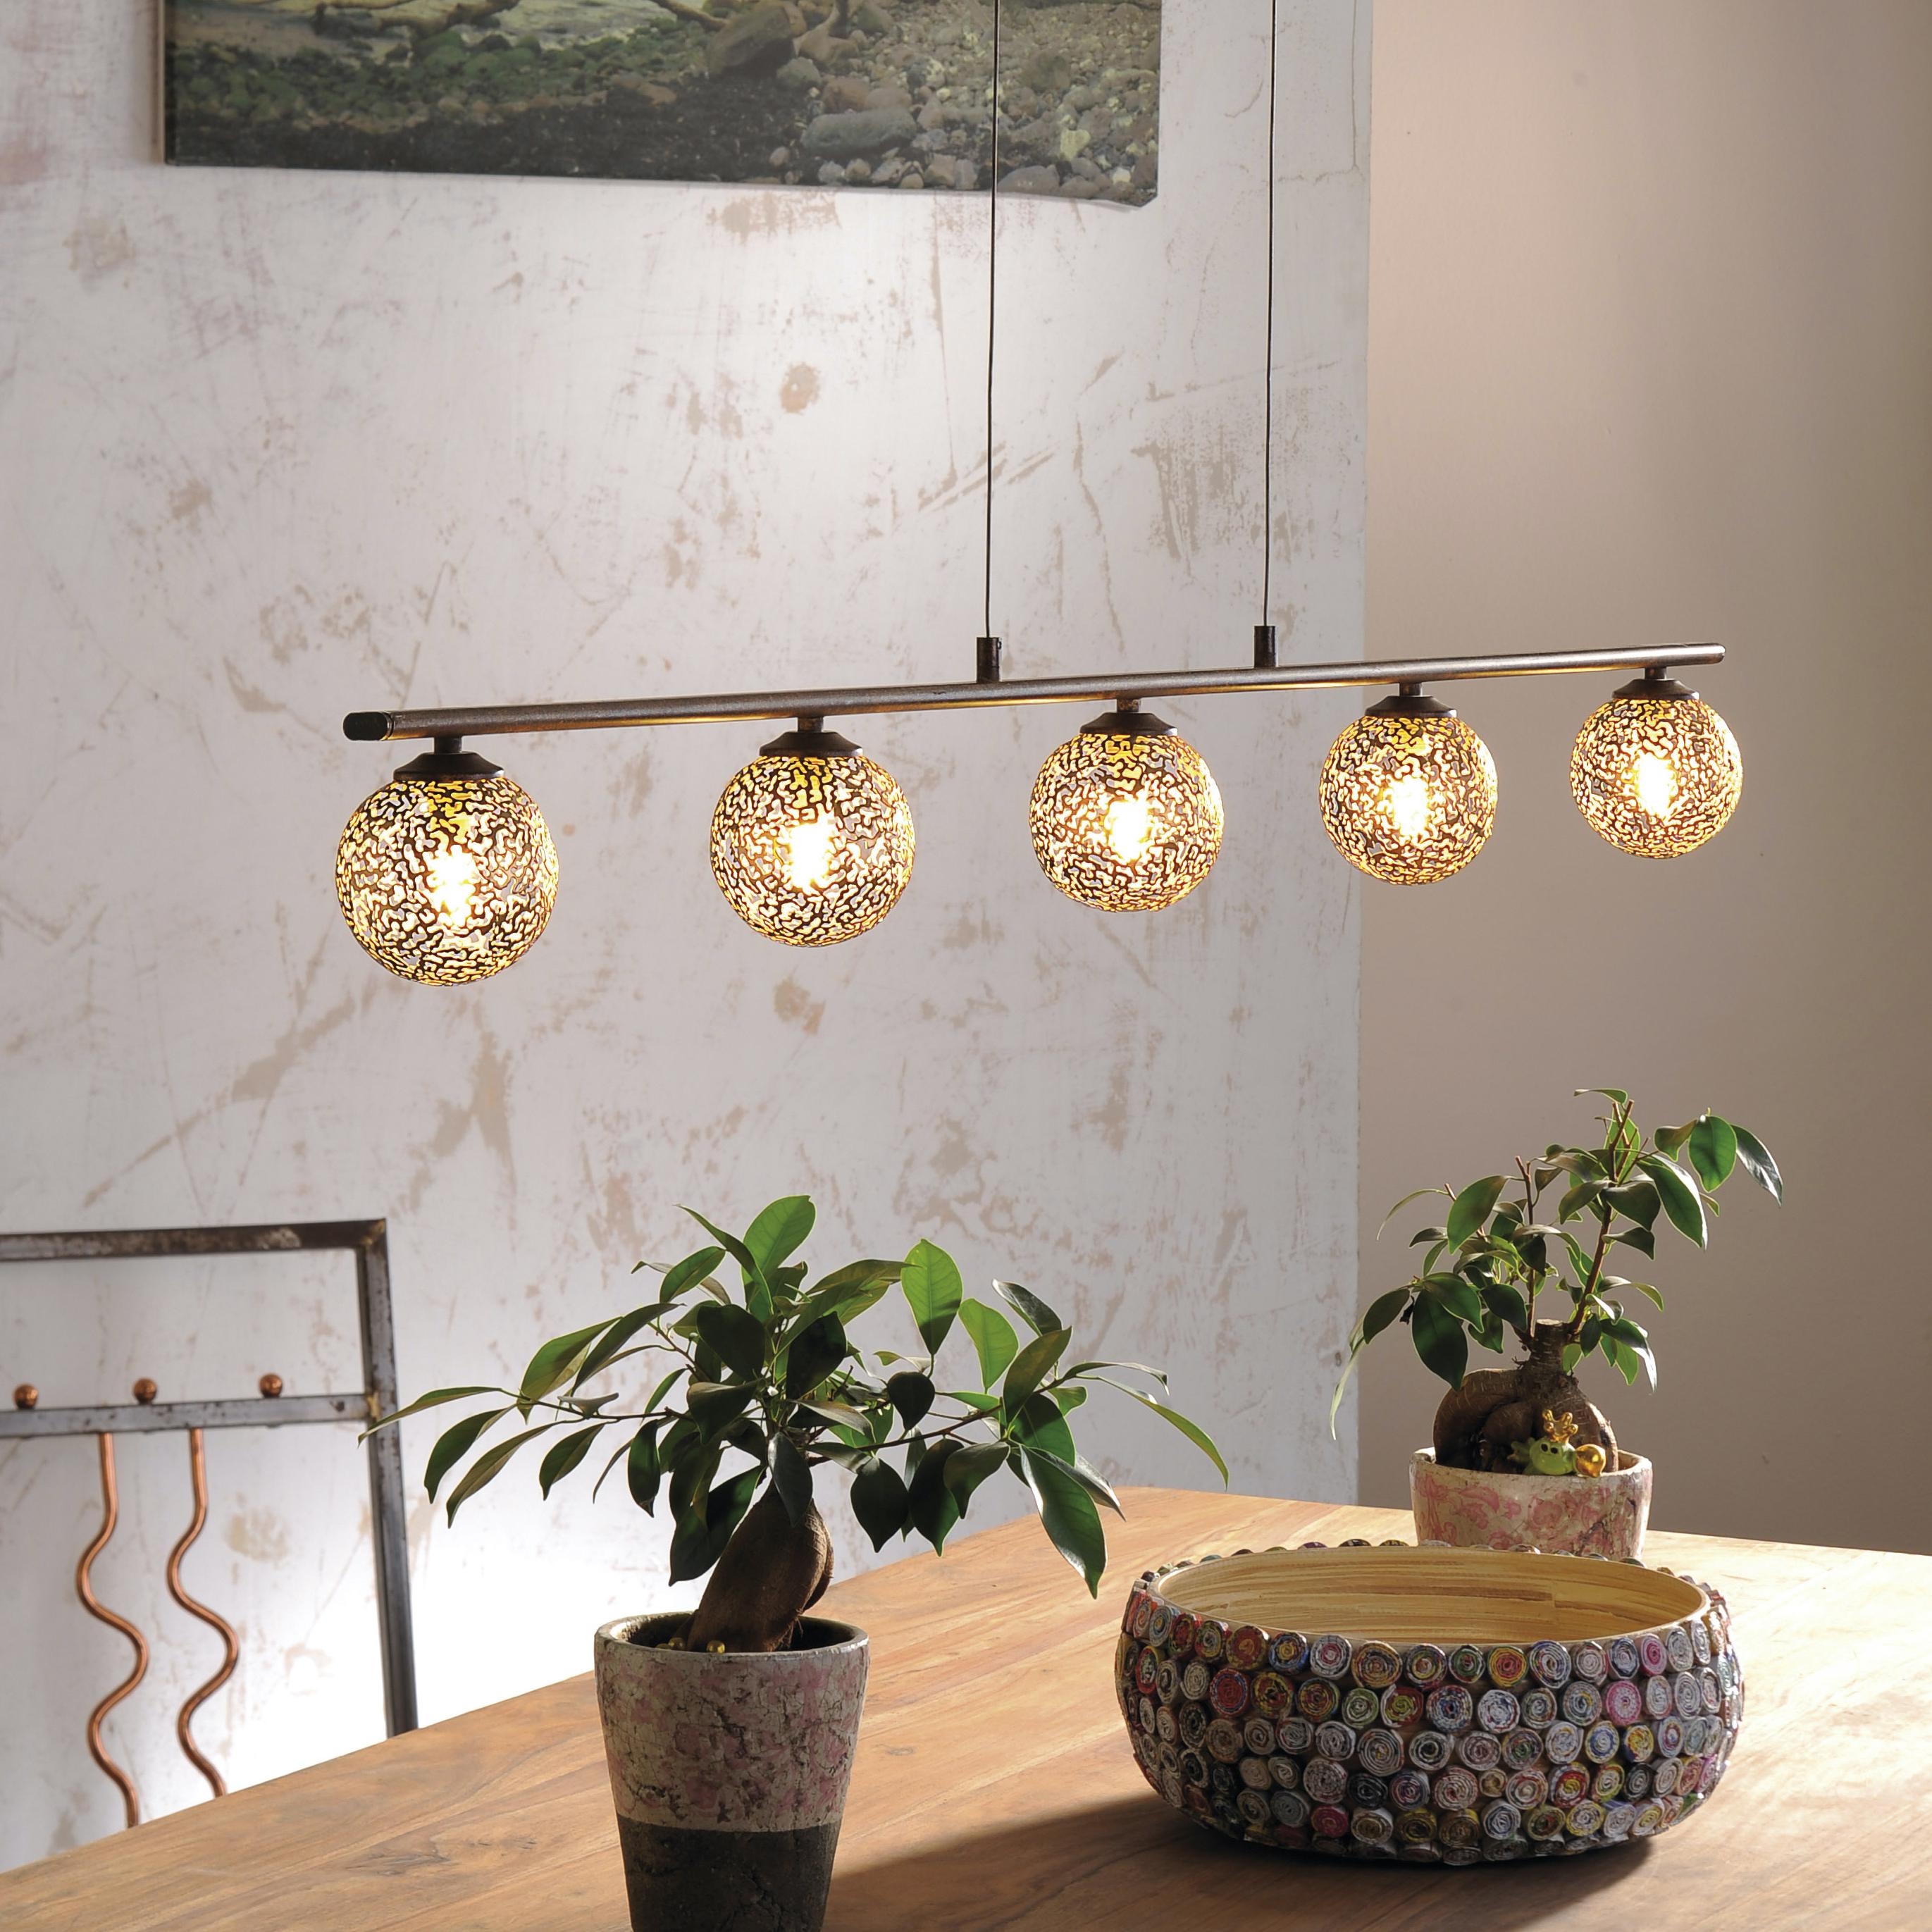 Pendelleuchte, rost, braun-gold, Landhaus-Stil, lichtdurchlässiges Muster